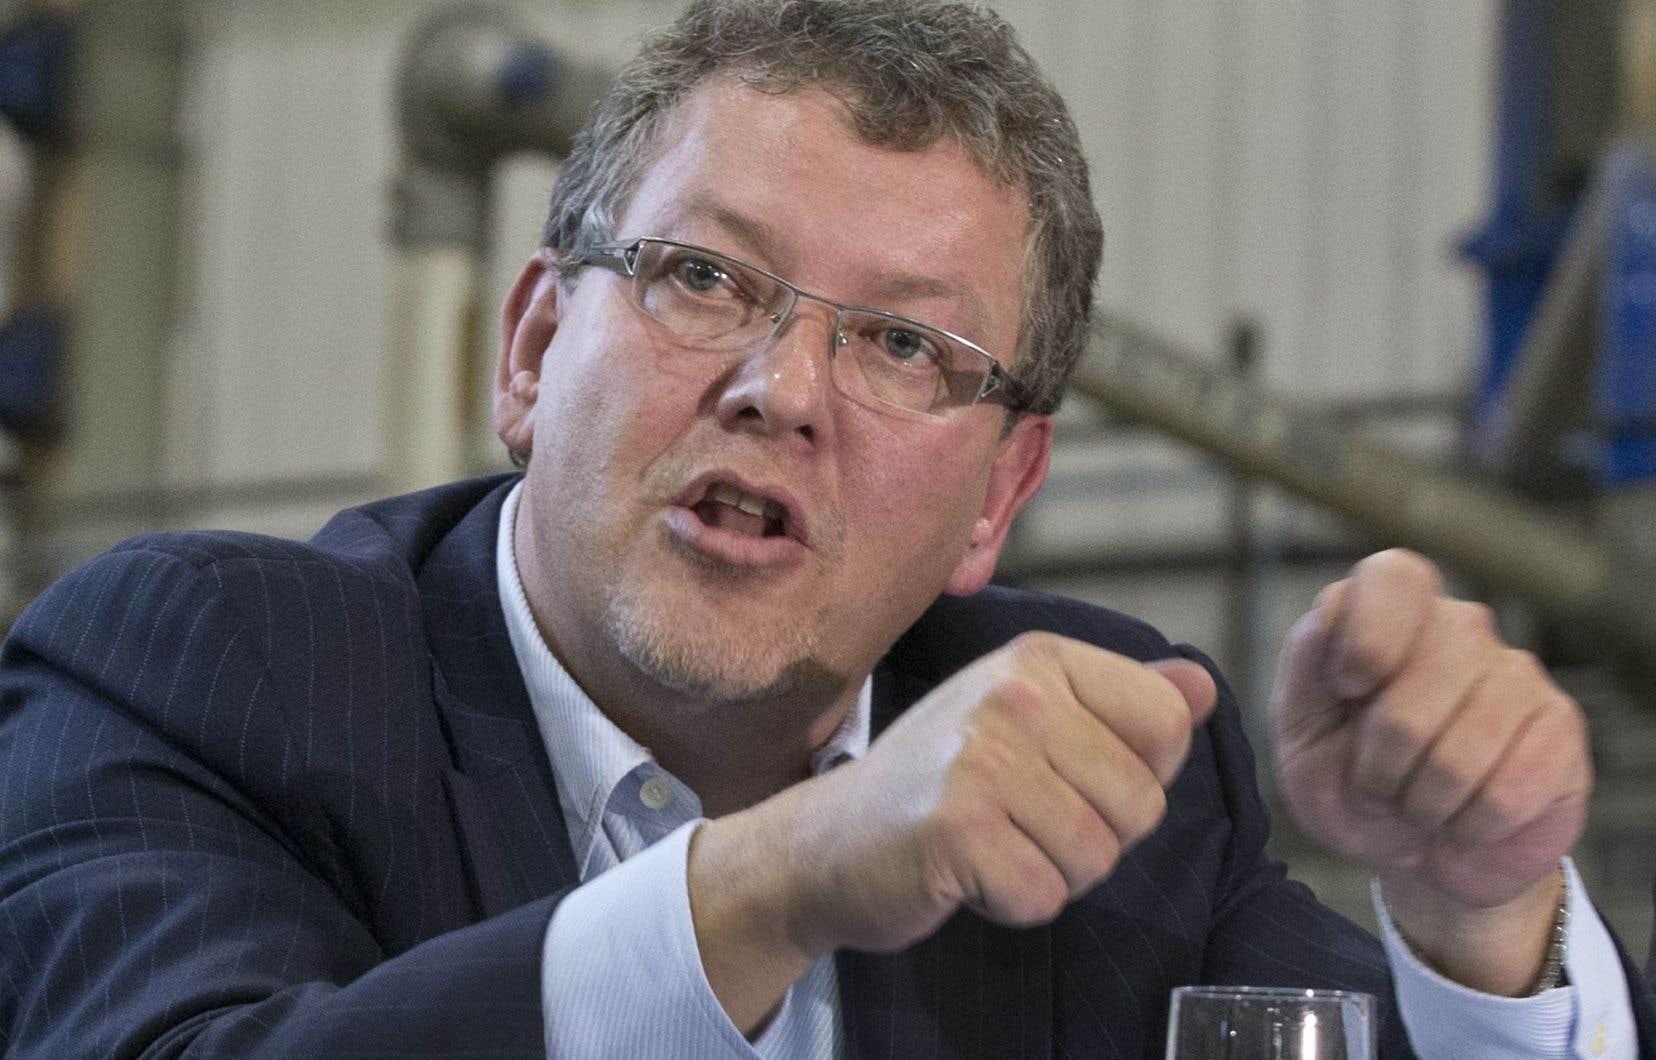 Joël Gauthier aurait fait une déclaration fausse ou trompeuse à l'organisme lors du processus de demande d'autorisation déposée par Hexagone en avril 2013.